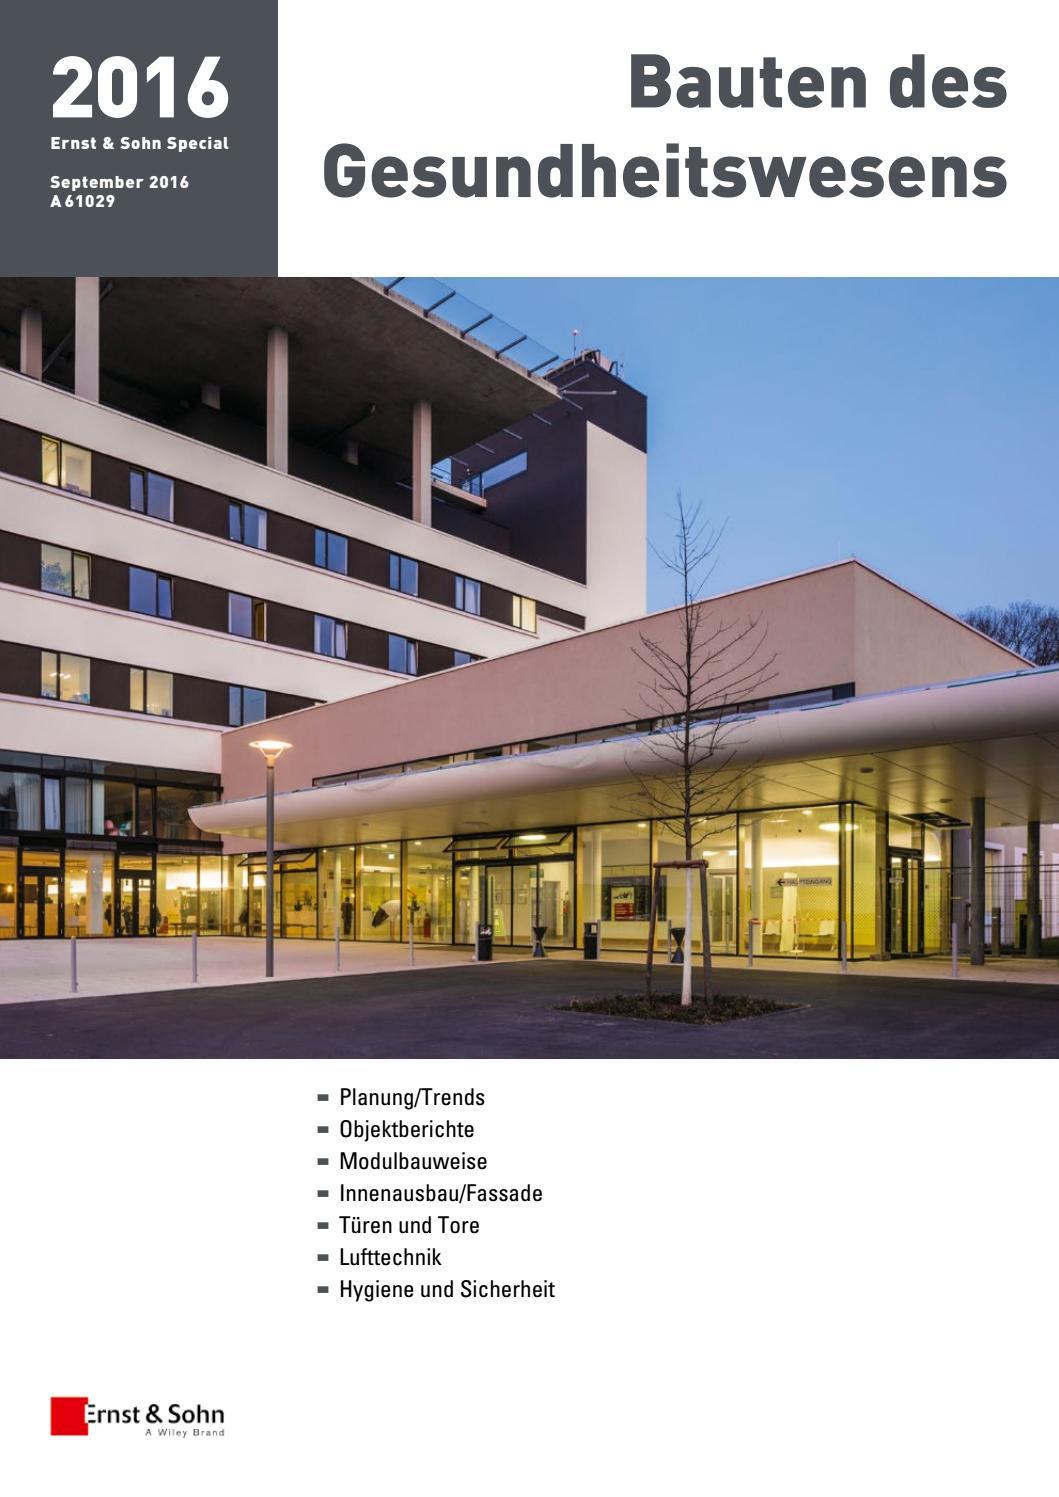 Bauten des Gesundheitswesens 2016 by Ernst & Sohn - issuu